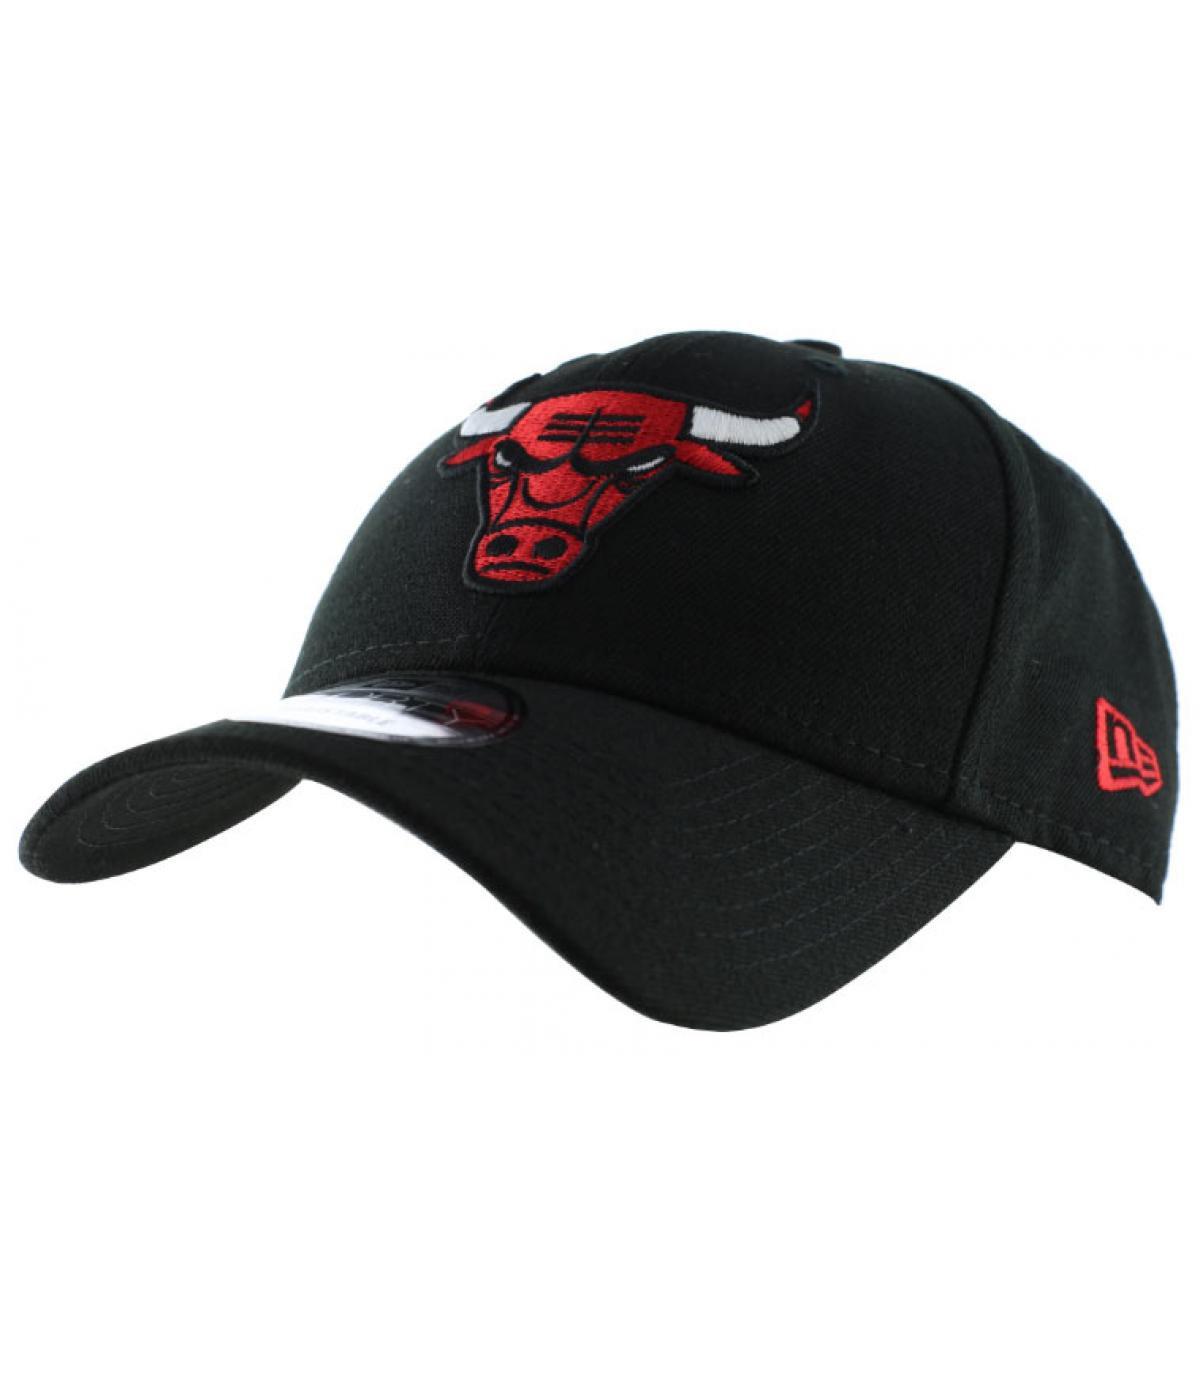 ... Détails Casquette Enfant Chicago Bulls The League team - image ... 9ae05ecbe35